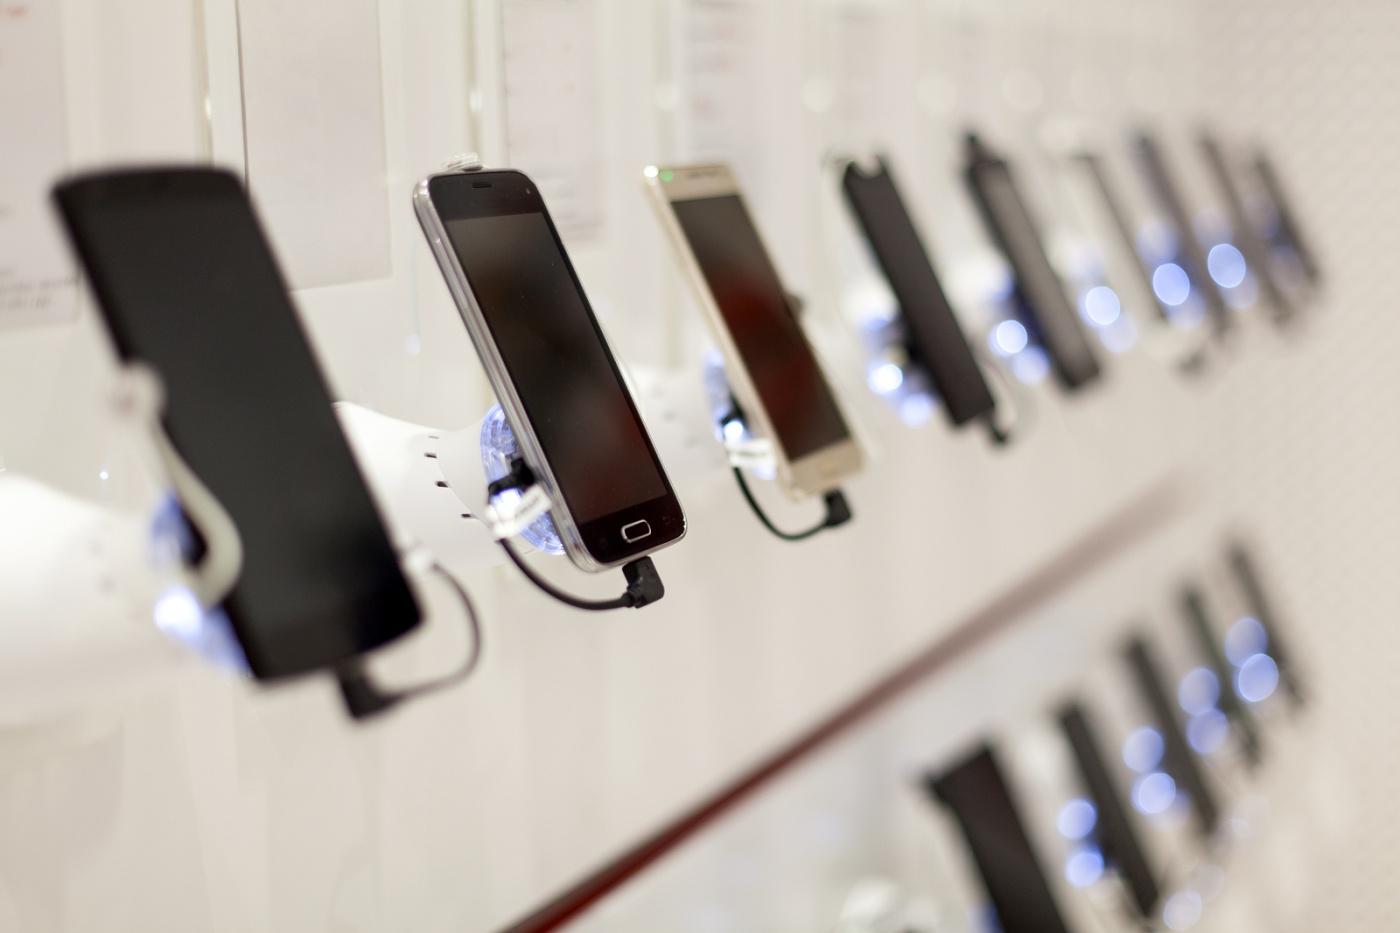 Липчане стали менее  экономить на закупке  телефонов